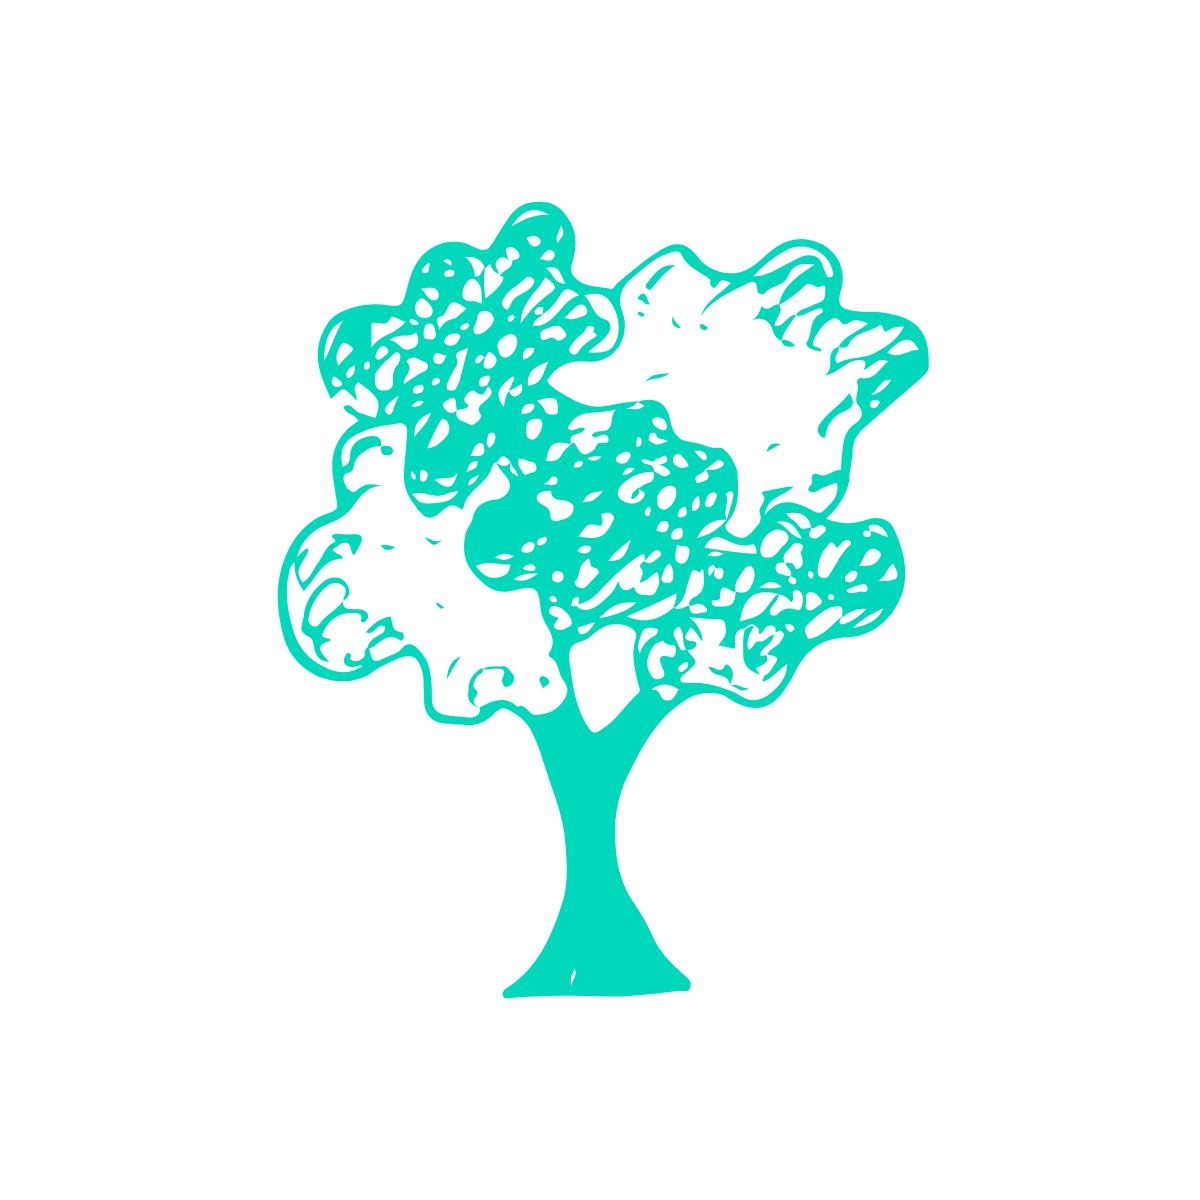 El árbol como metáfora de las inversiones